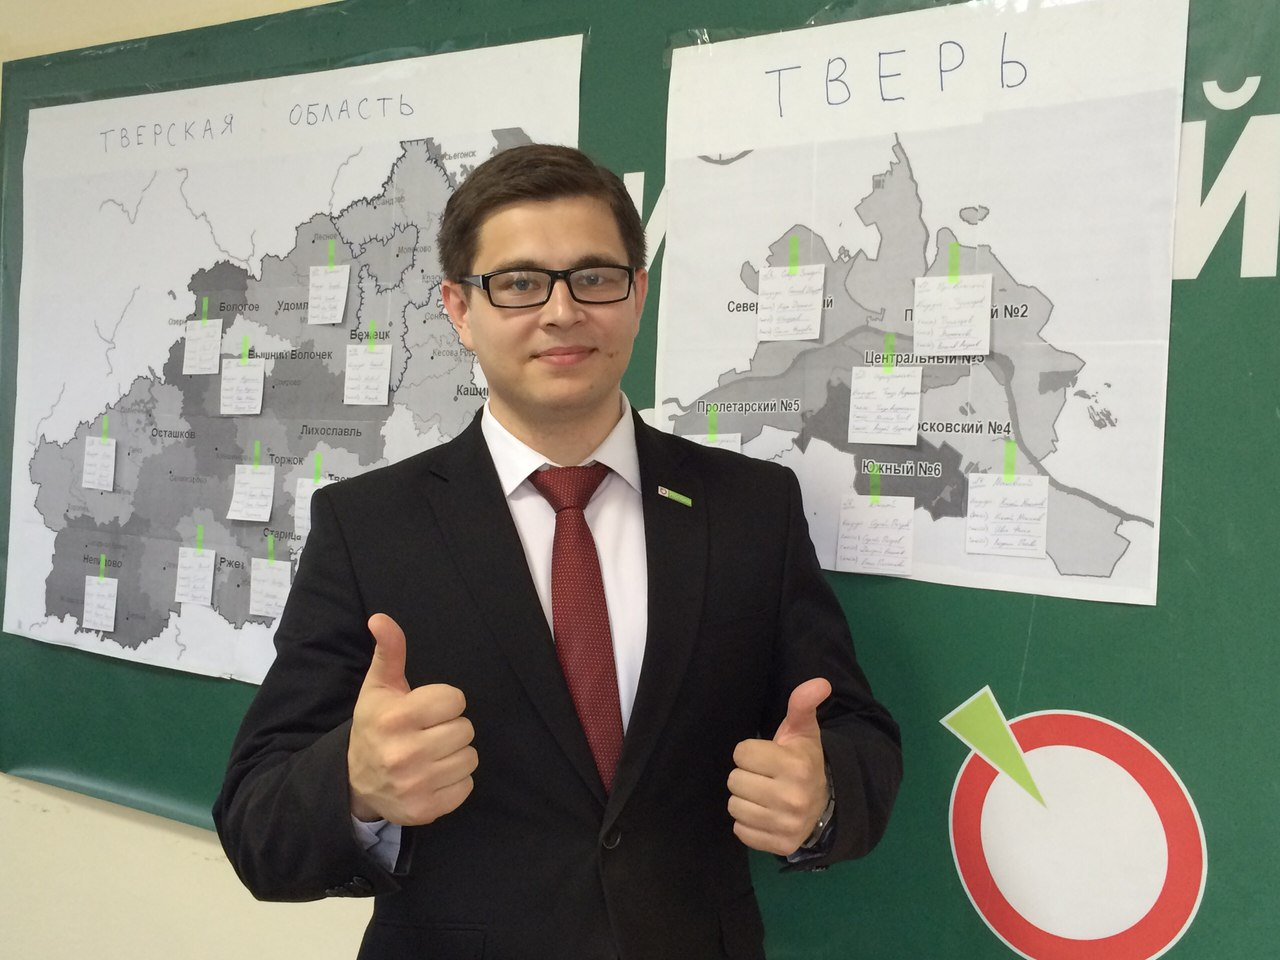 Активист тверского отделения «Яблока» мог совершить суицид